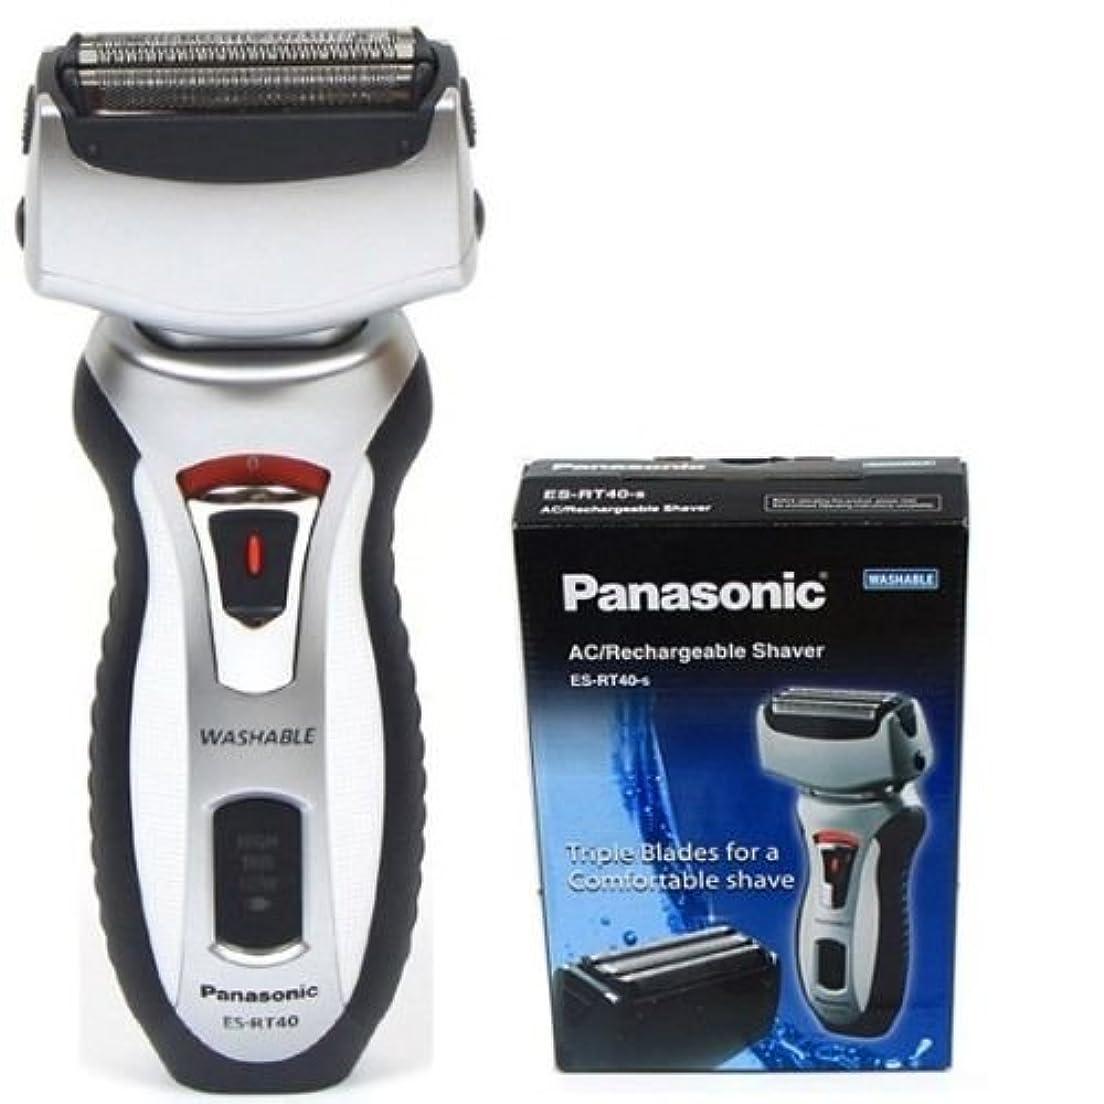 PANASONIC ES-RT40 充電式マンシェーバー3ブレード ESRT40 100-240V [並行輸入品]